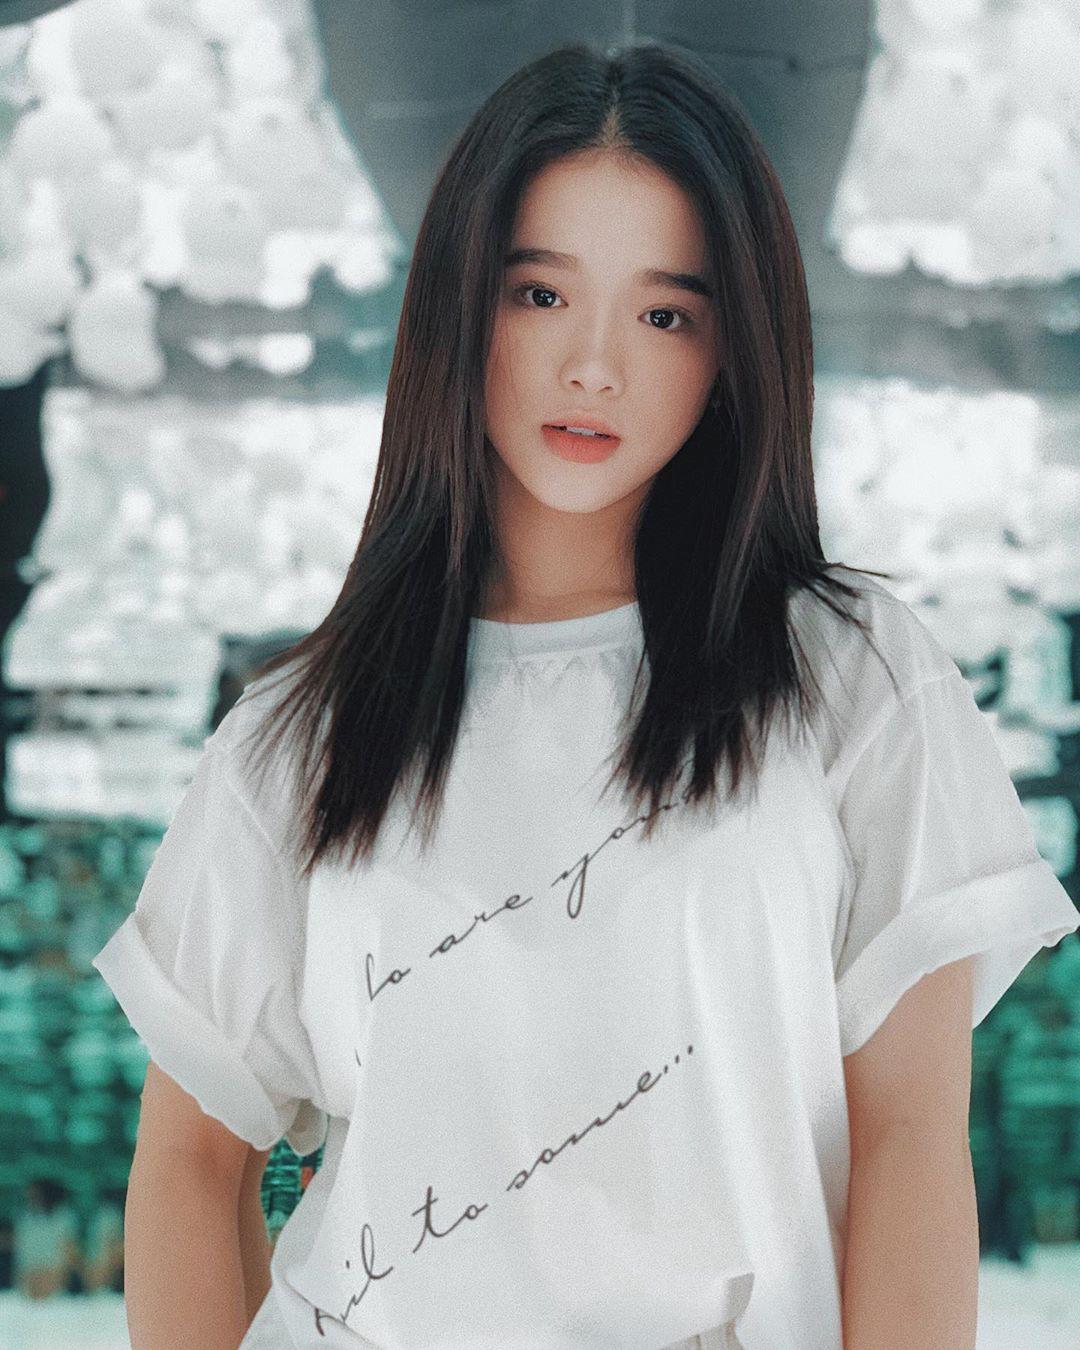 """VZN News: Để ý mới thấy nhan sắc Linh Ka dạo này thăng hạng vèo vèo, 17 tuổi chưa """"lớn"""" xong mà đã đáng gờm như thế! - Ảnh 1."""